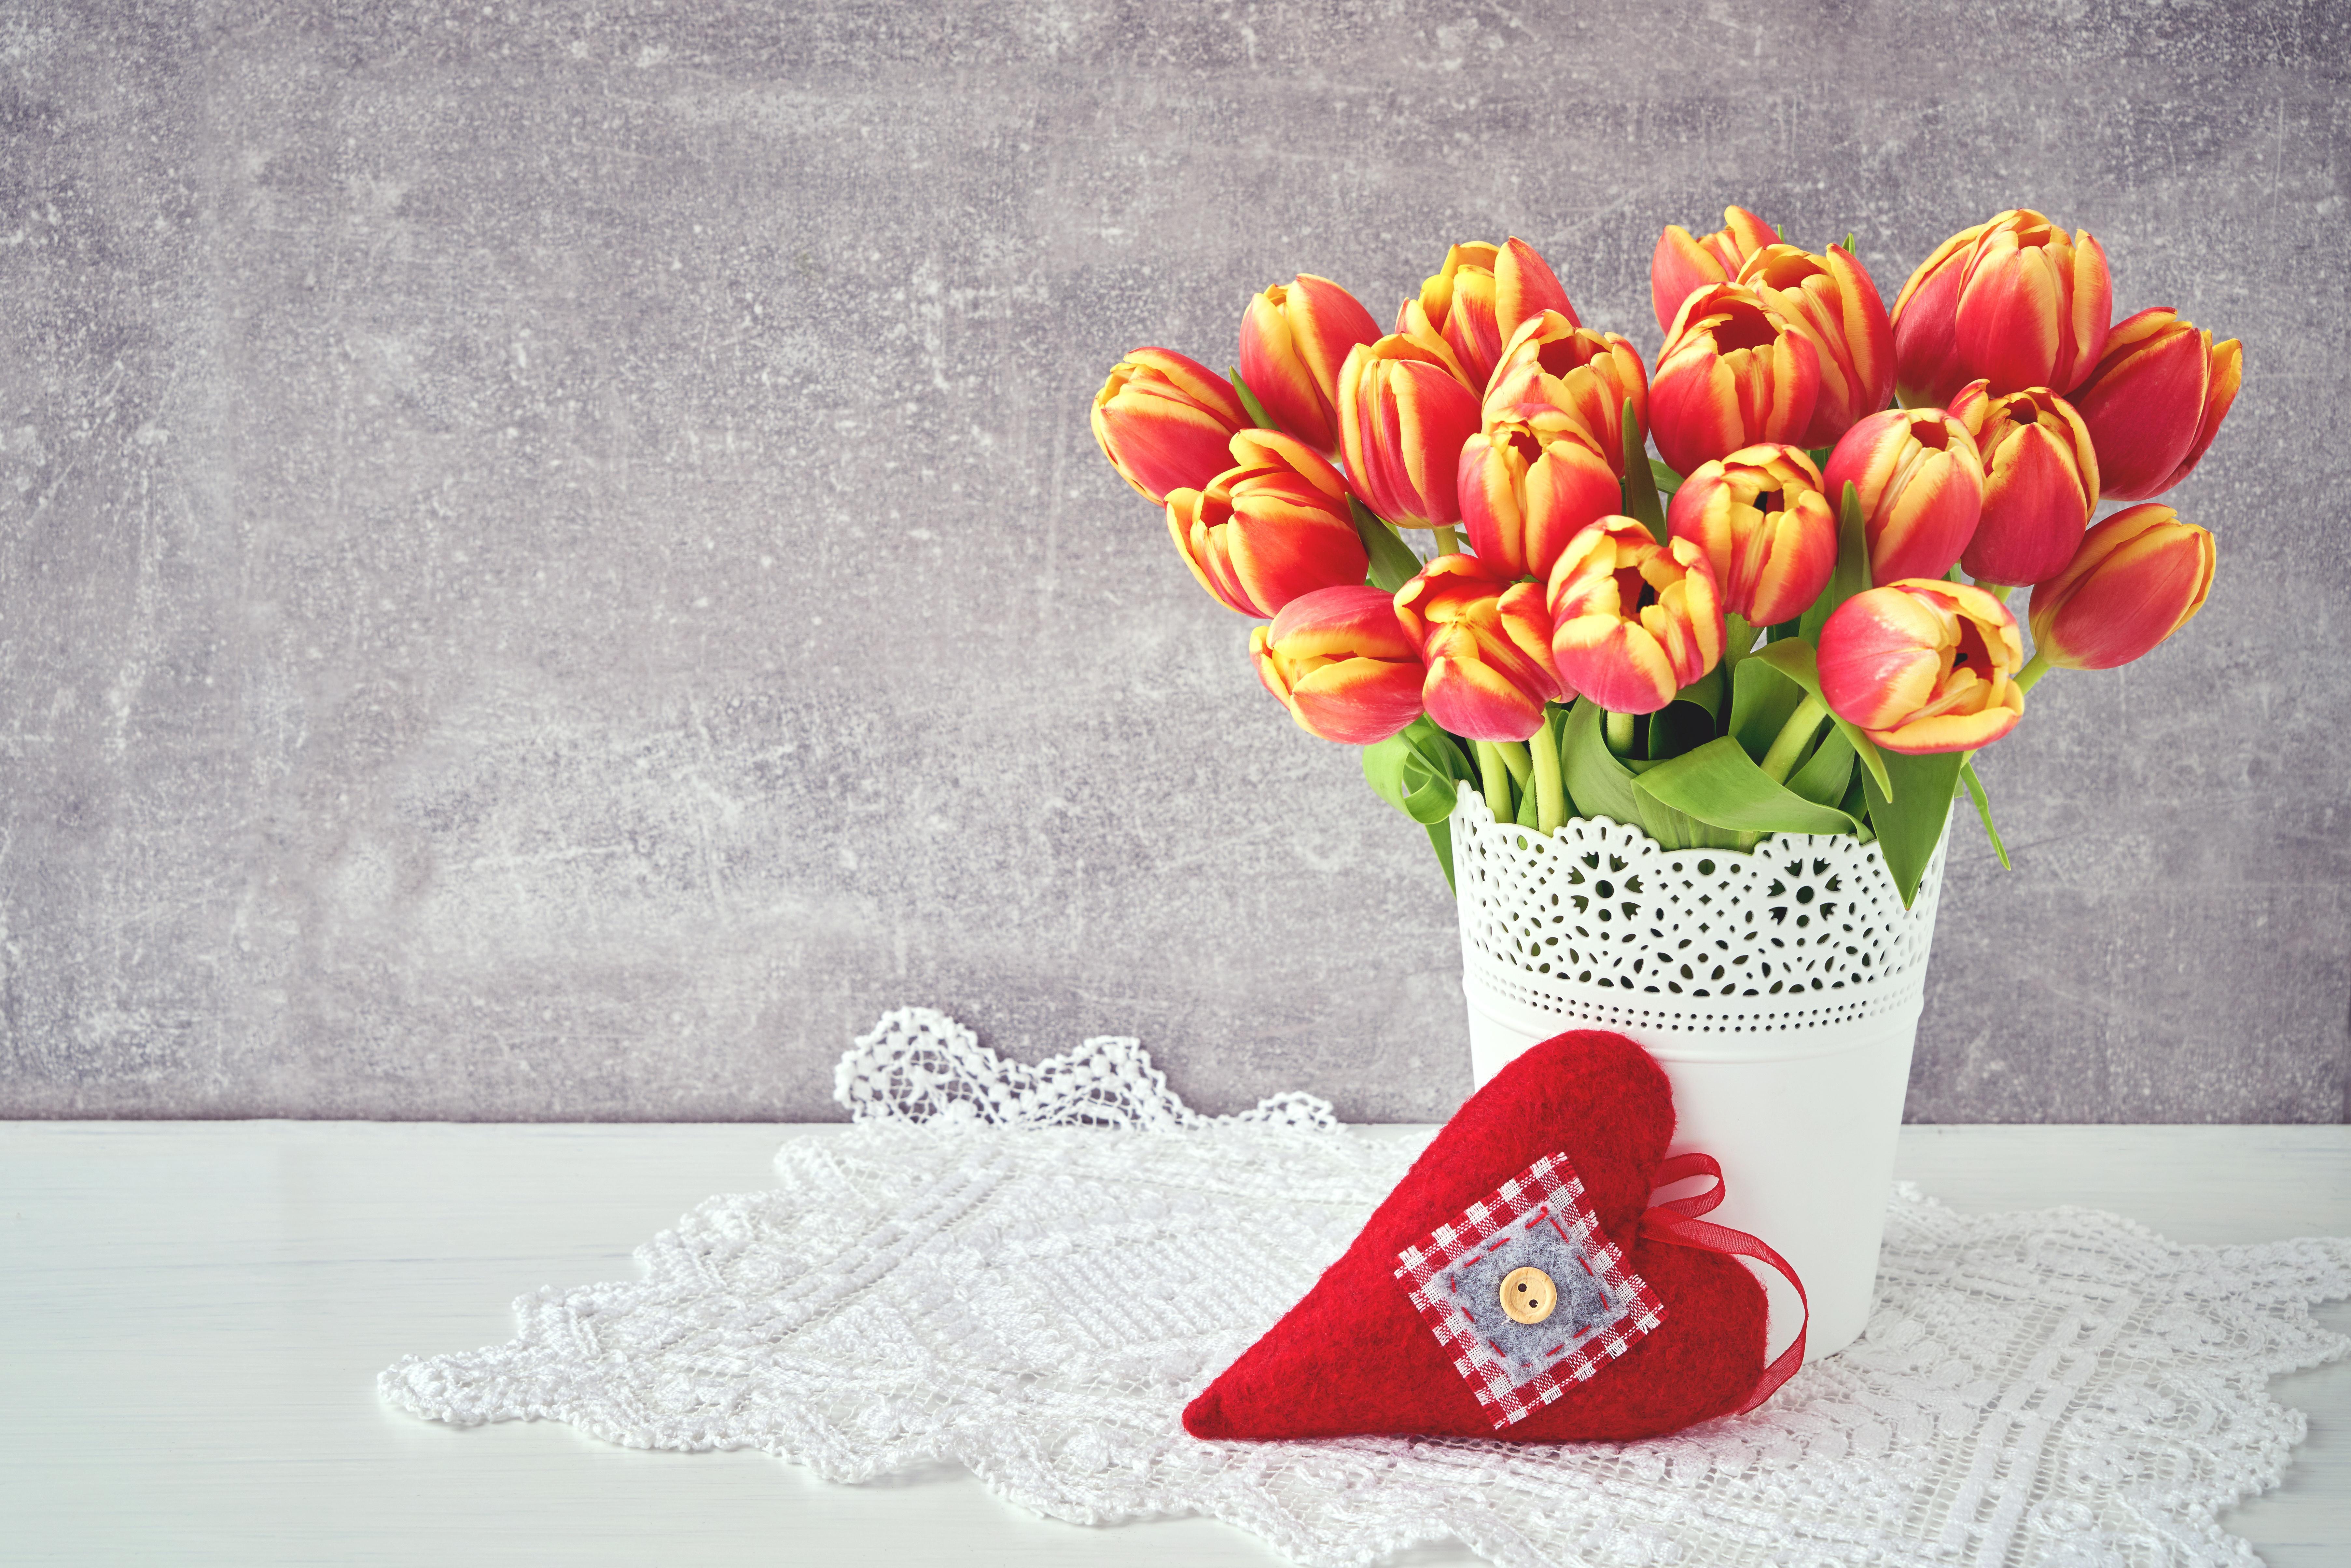 обои на рабочий стол красные тюльпаны в вазе обязательно искать пересечение